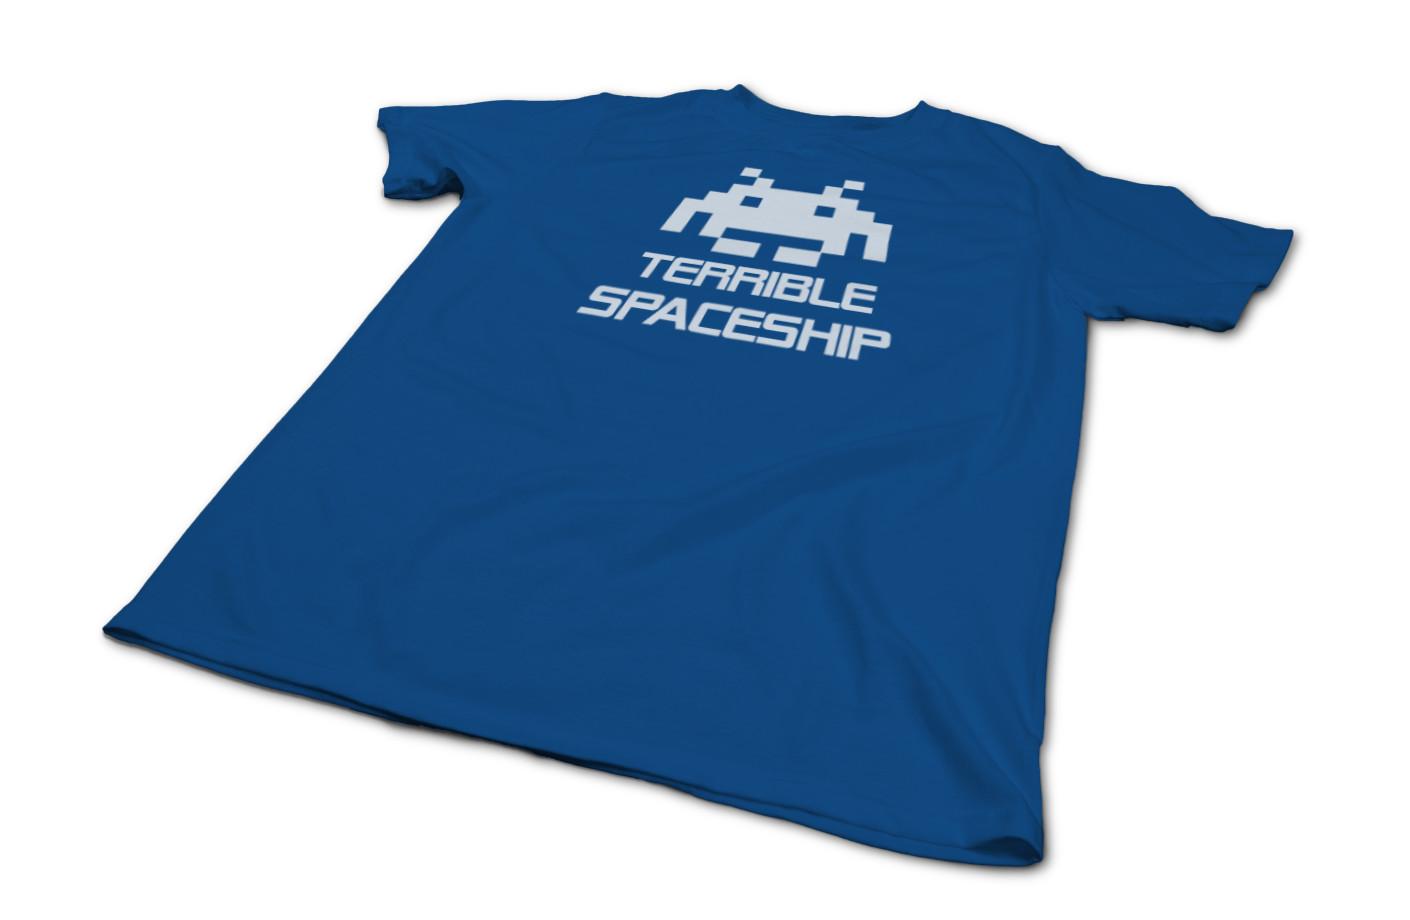 Terrible spaceship ts 1a 1489502834